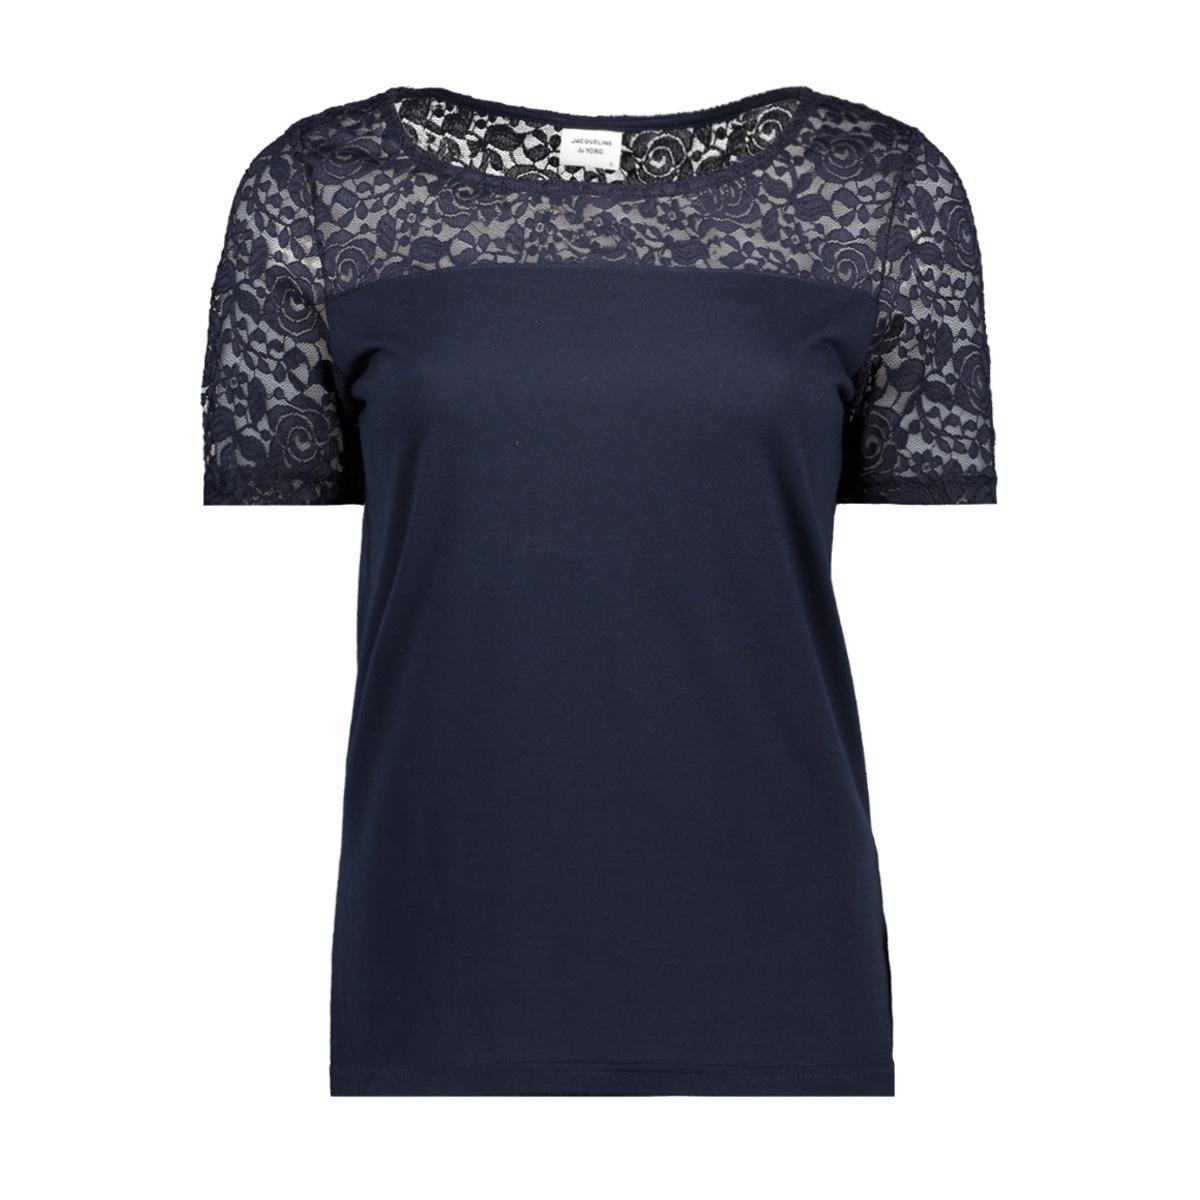 jdykimmie s/s top jrs 15161149 jacqueline de yong t-shirt sky captain/dtm lace